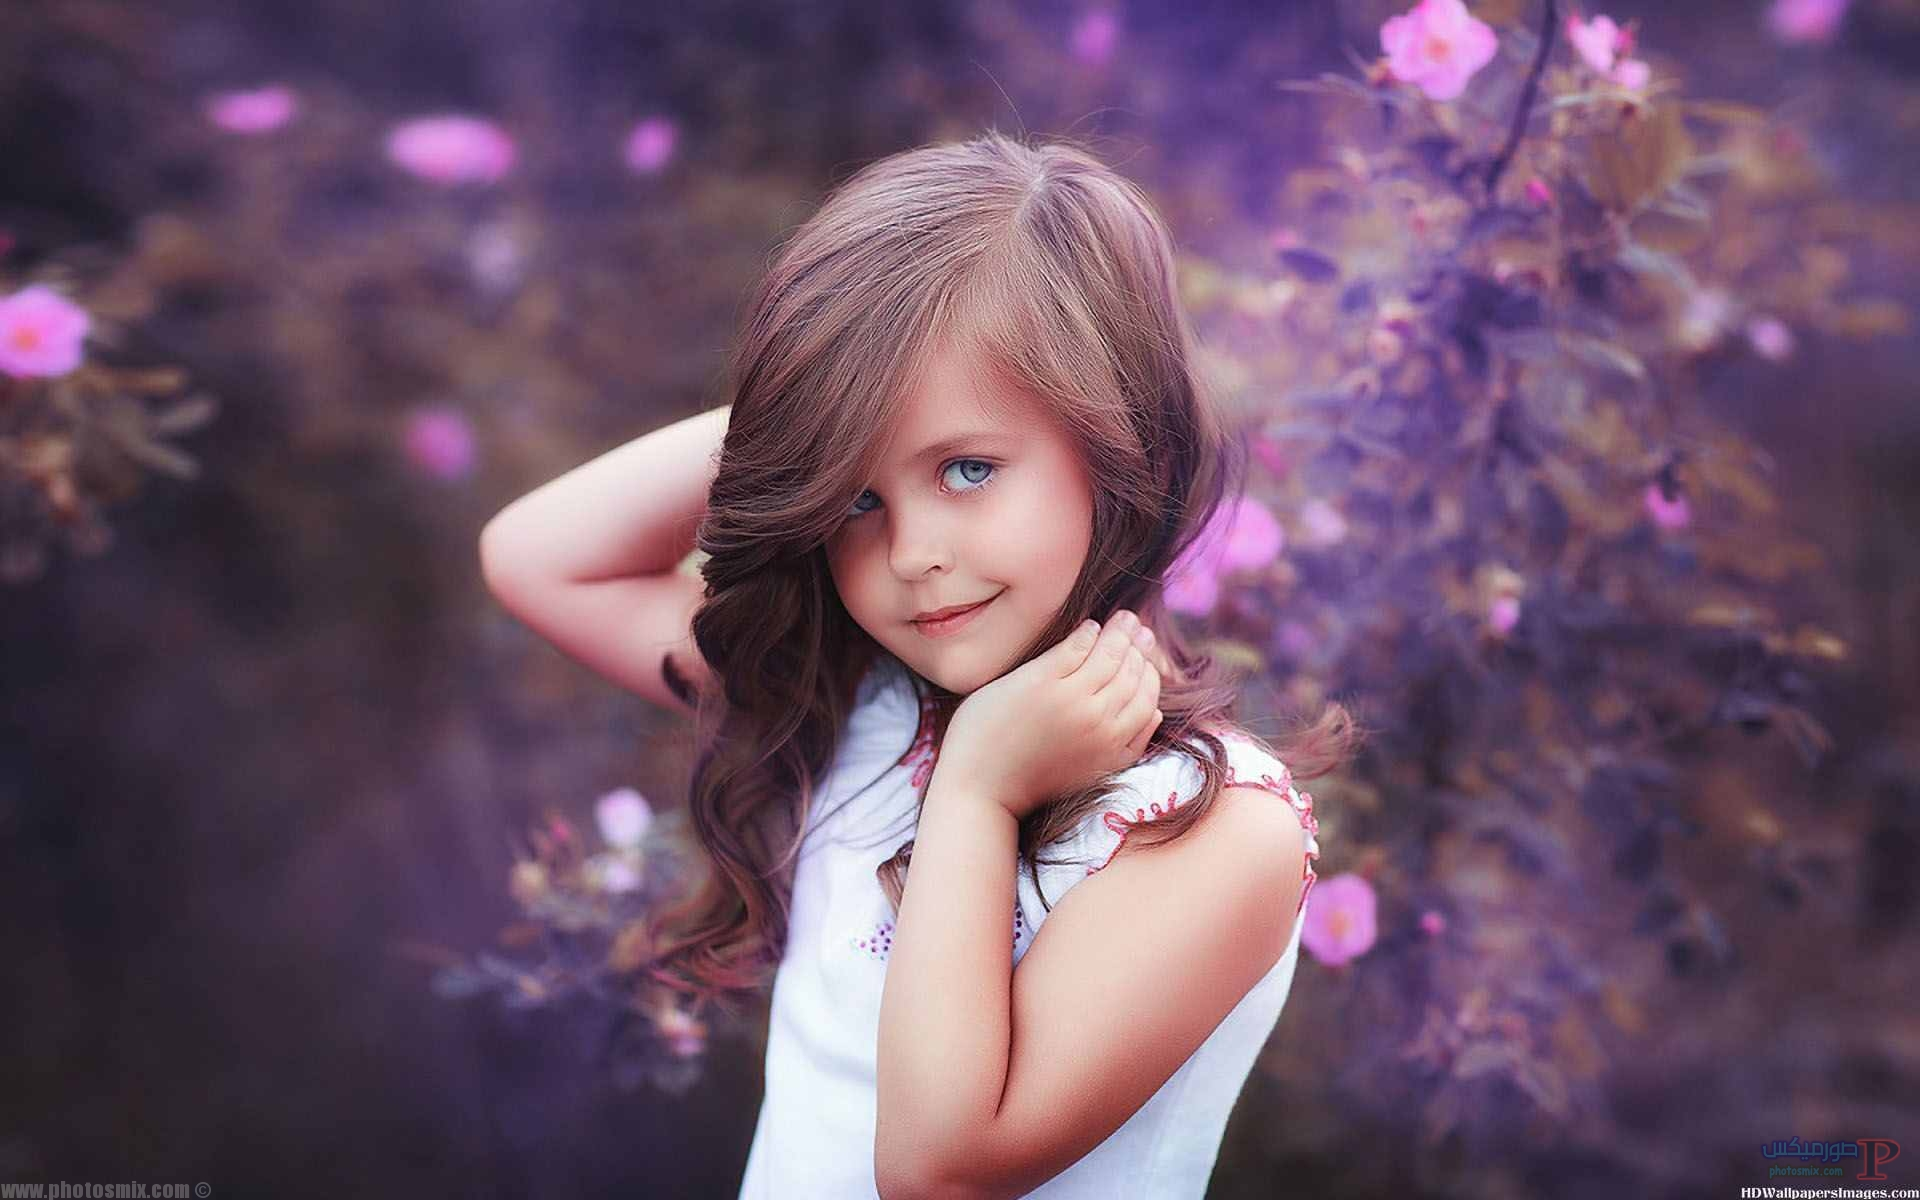 بالصور صور بنات صغار حلوين , اجمل الصور للبنات الصغار 3304 7